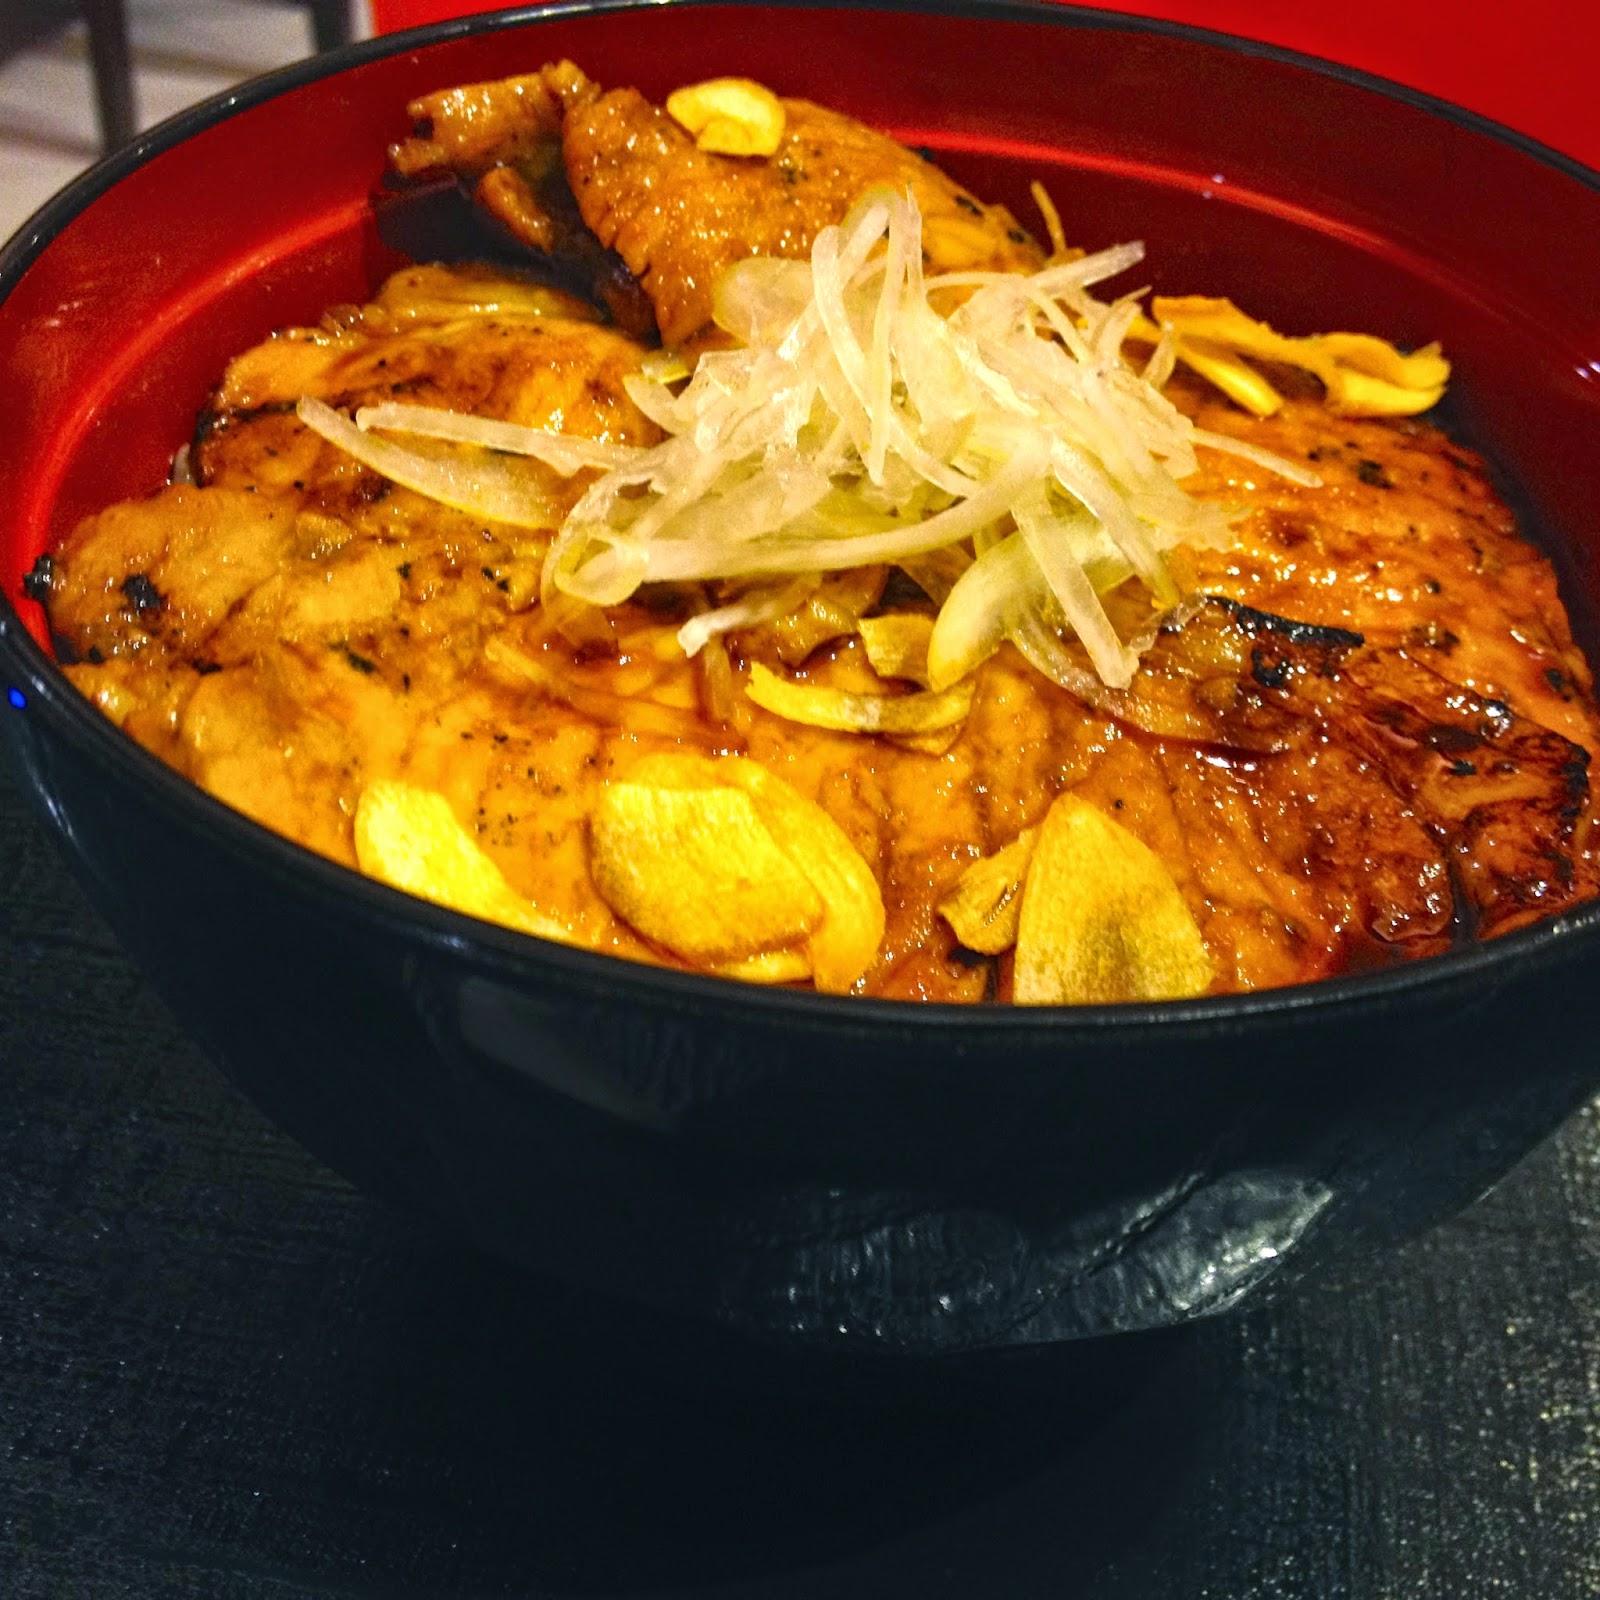 Obihiro Butadon Pork Bowl